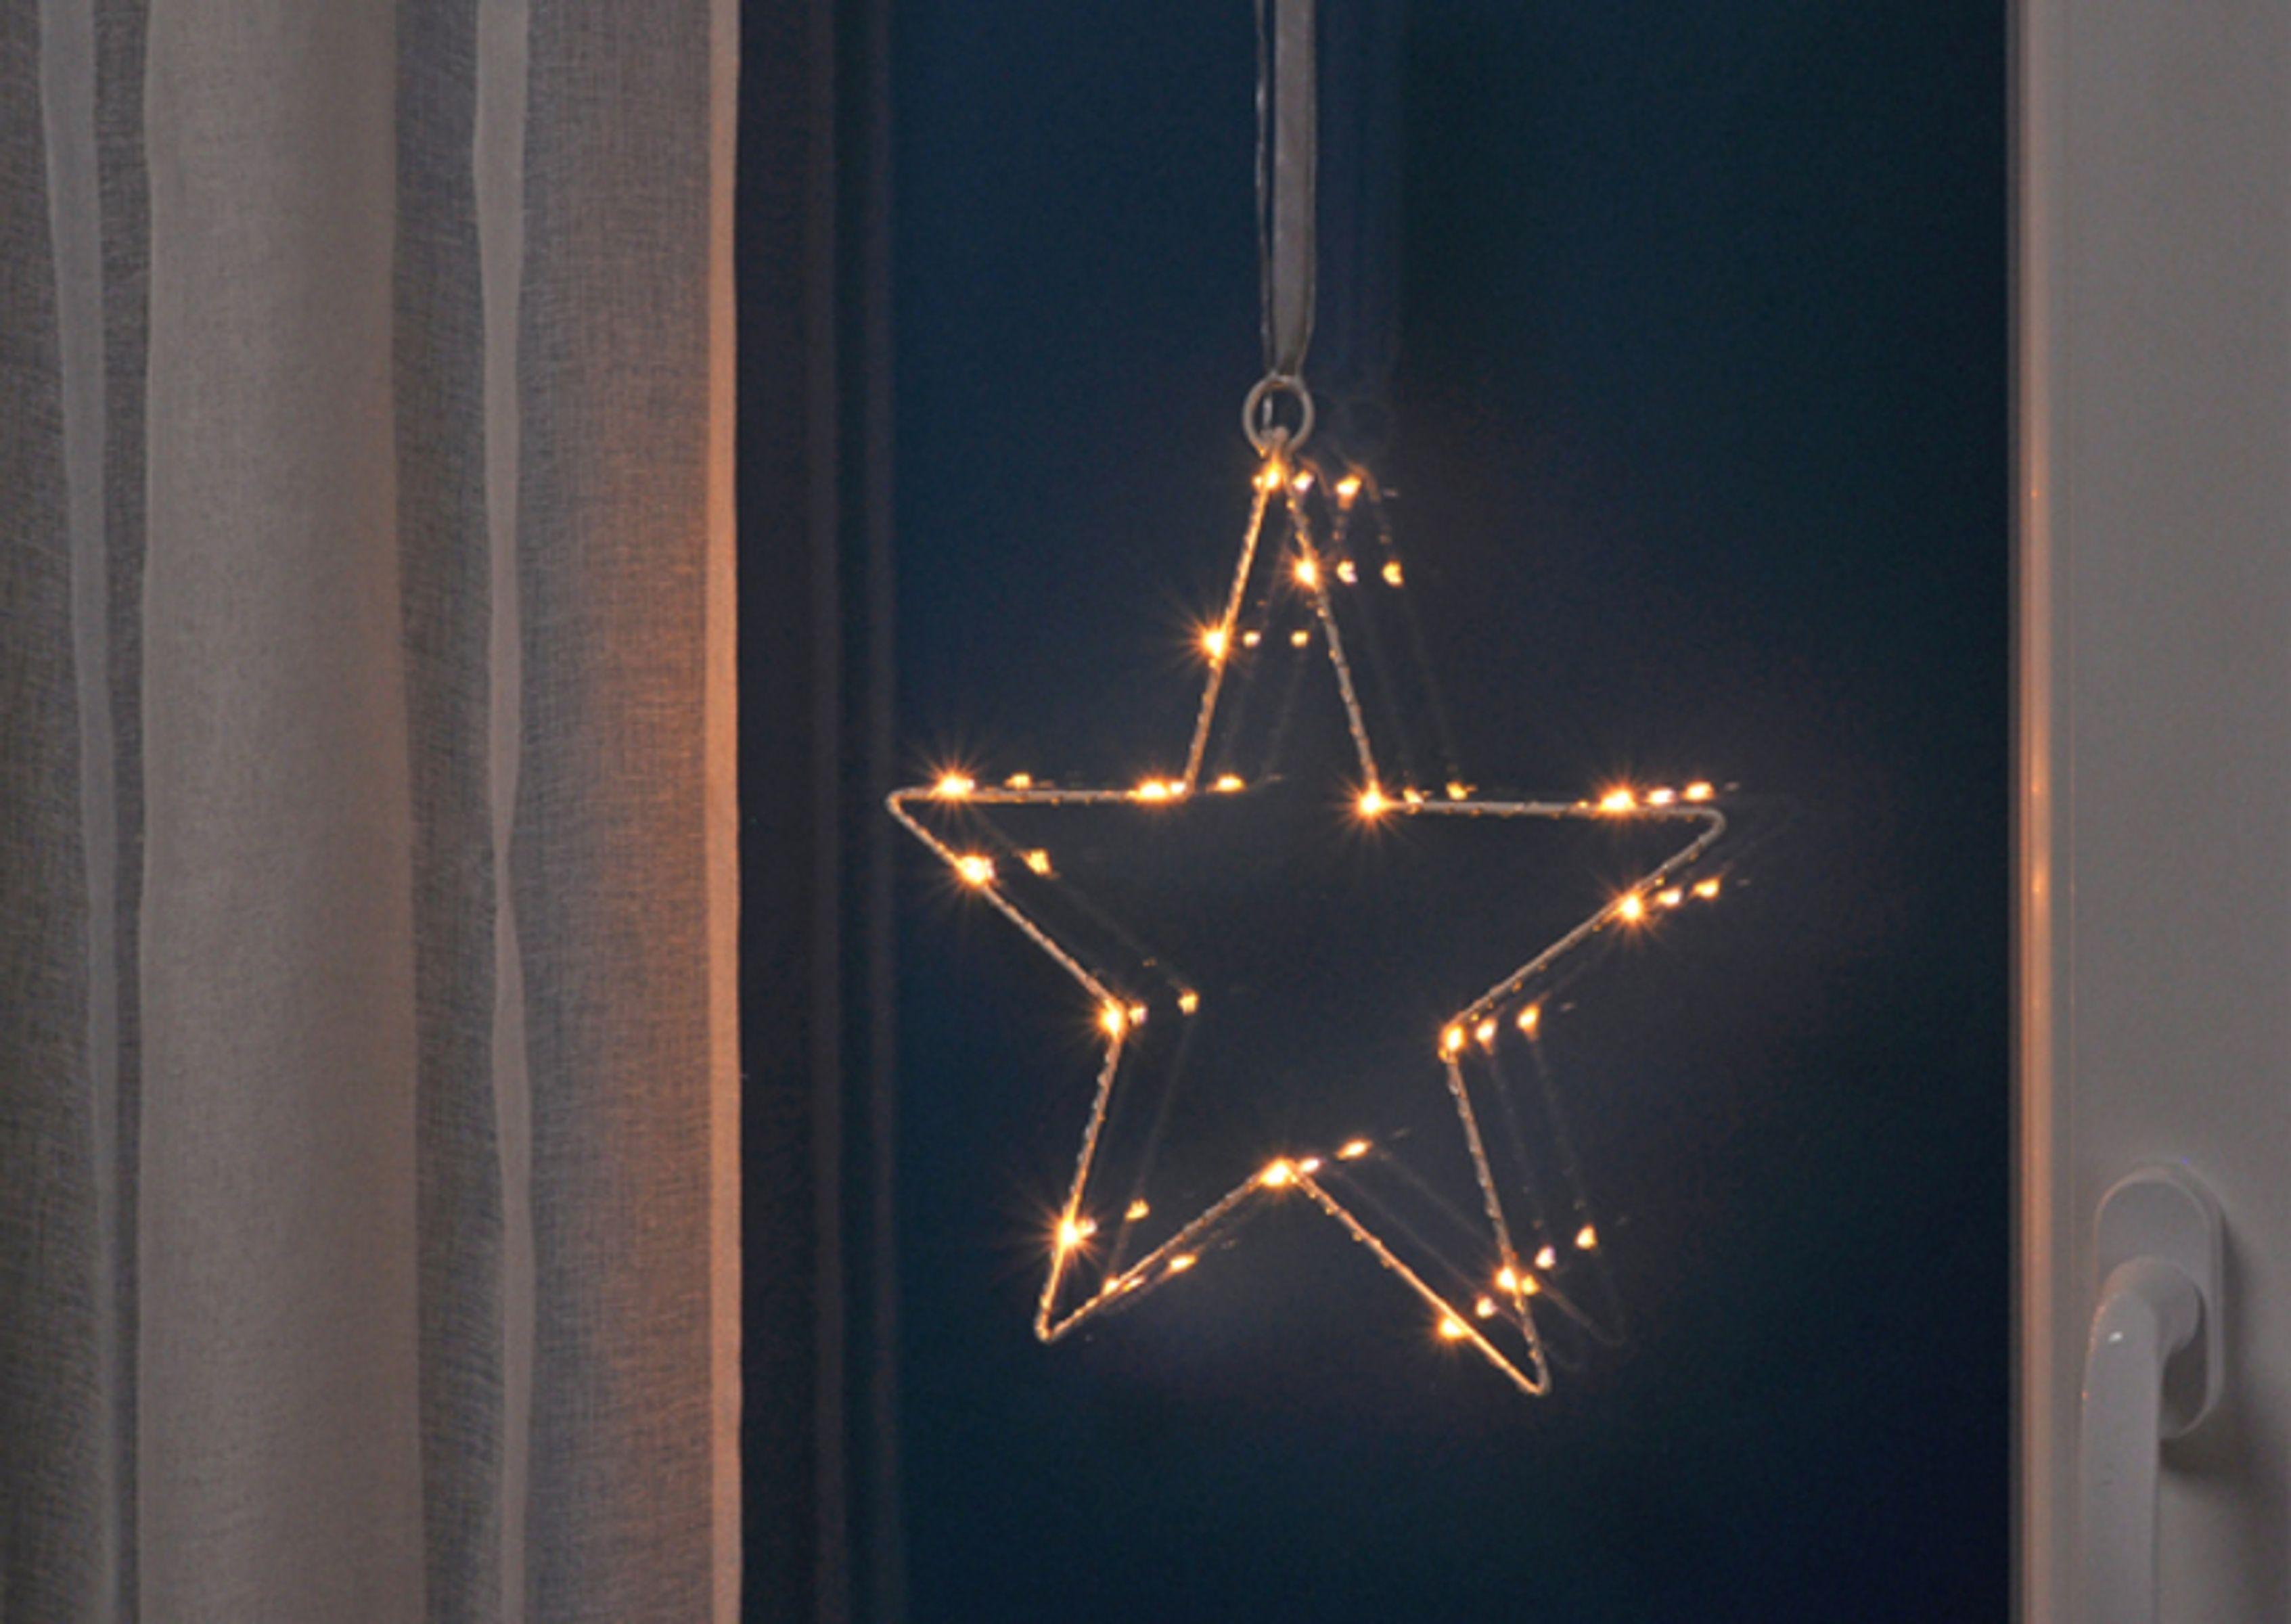 16 led silhouette weihnachtsstern fensterbeleuchtung - Weihnachts fensterdeko led ...